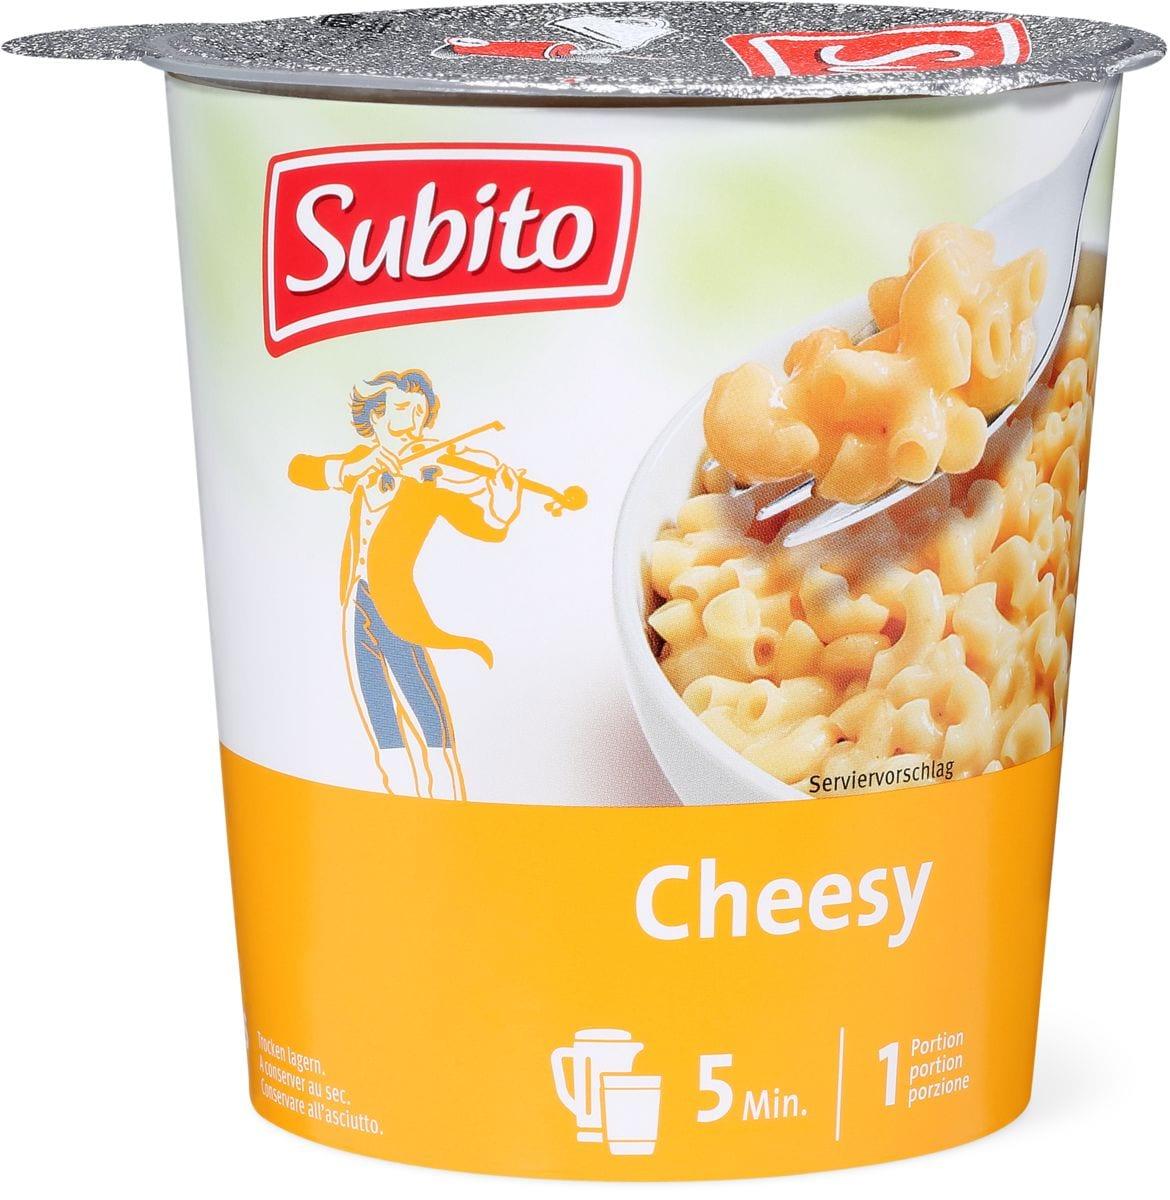 Subito Hot Snack Cheesy